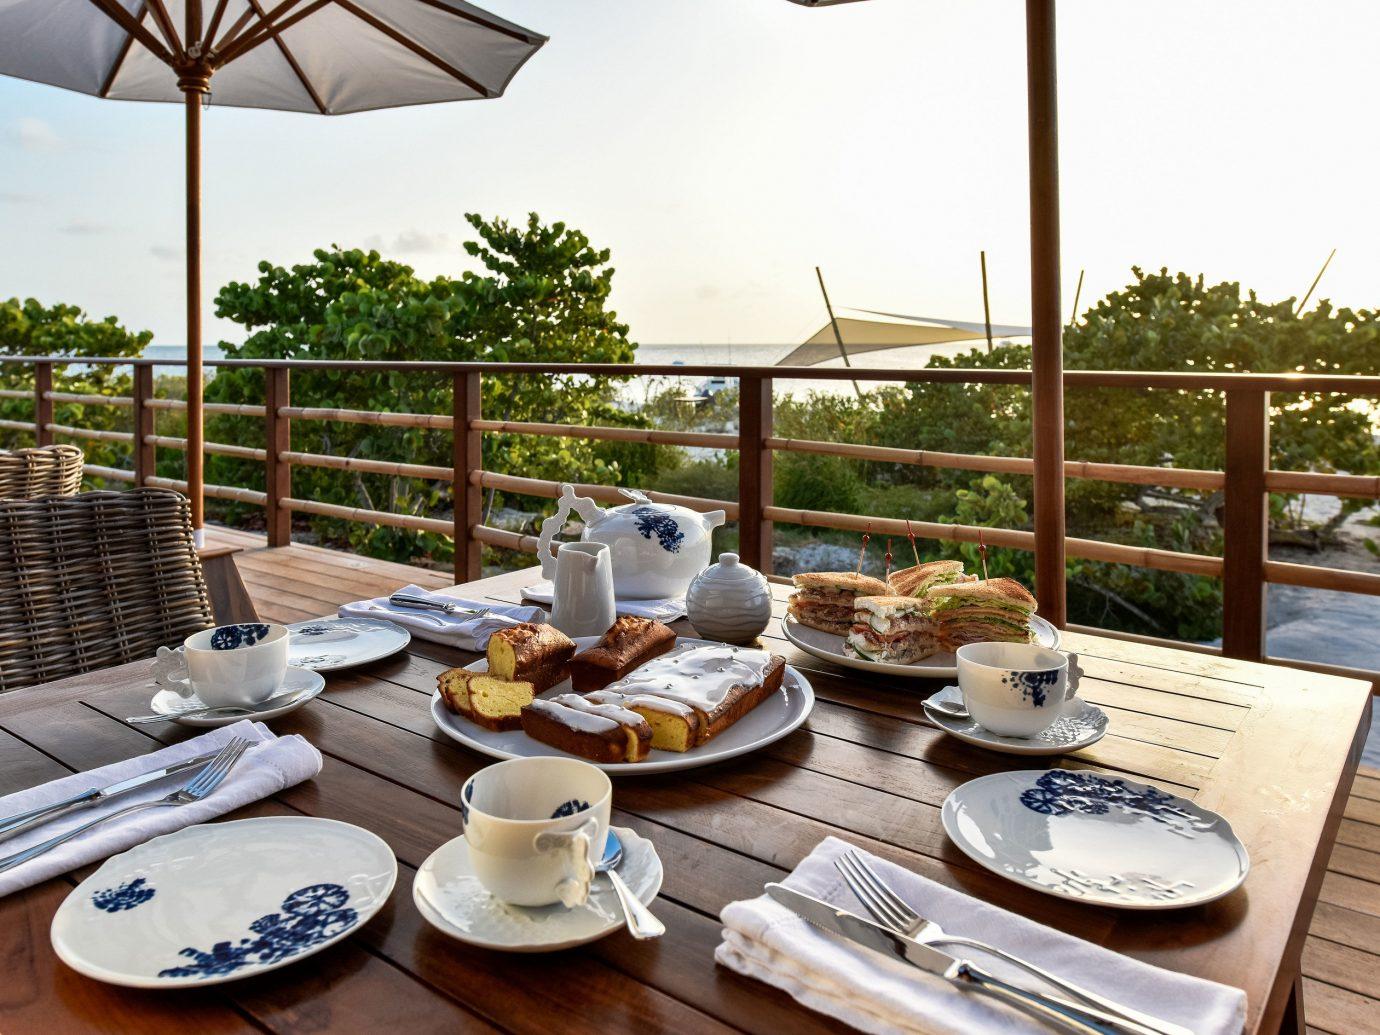 Trip Ideas table sky outdoor food plate meal room restaurant home estate Resort cottage brunch set